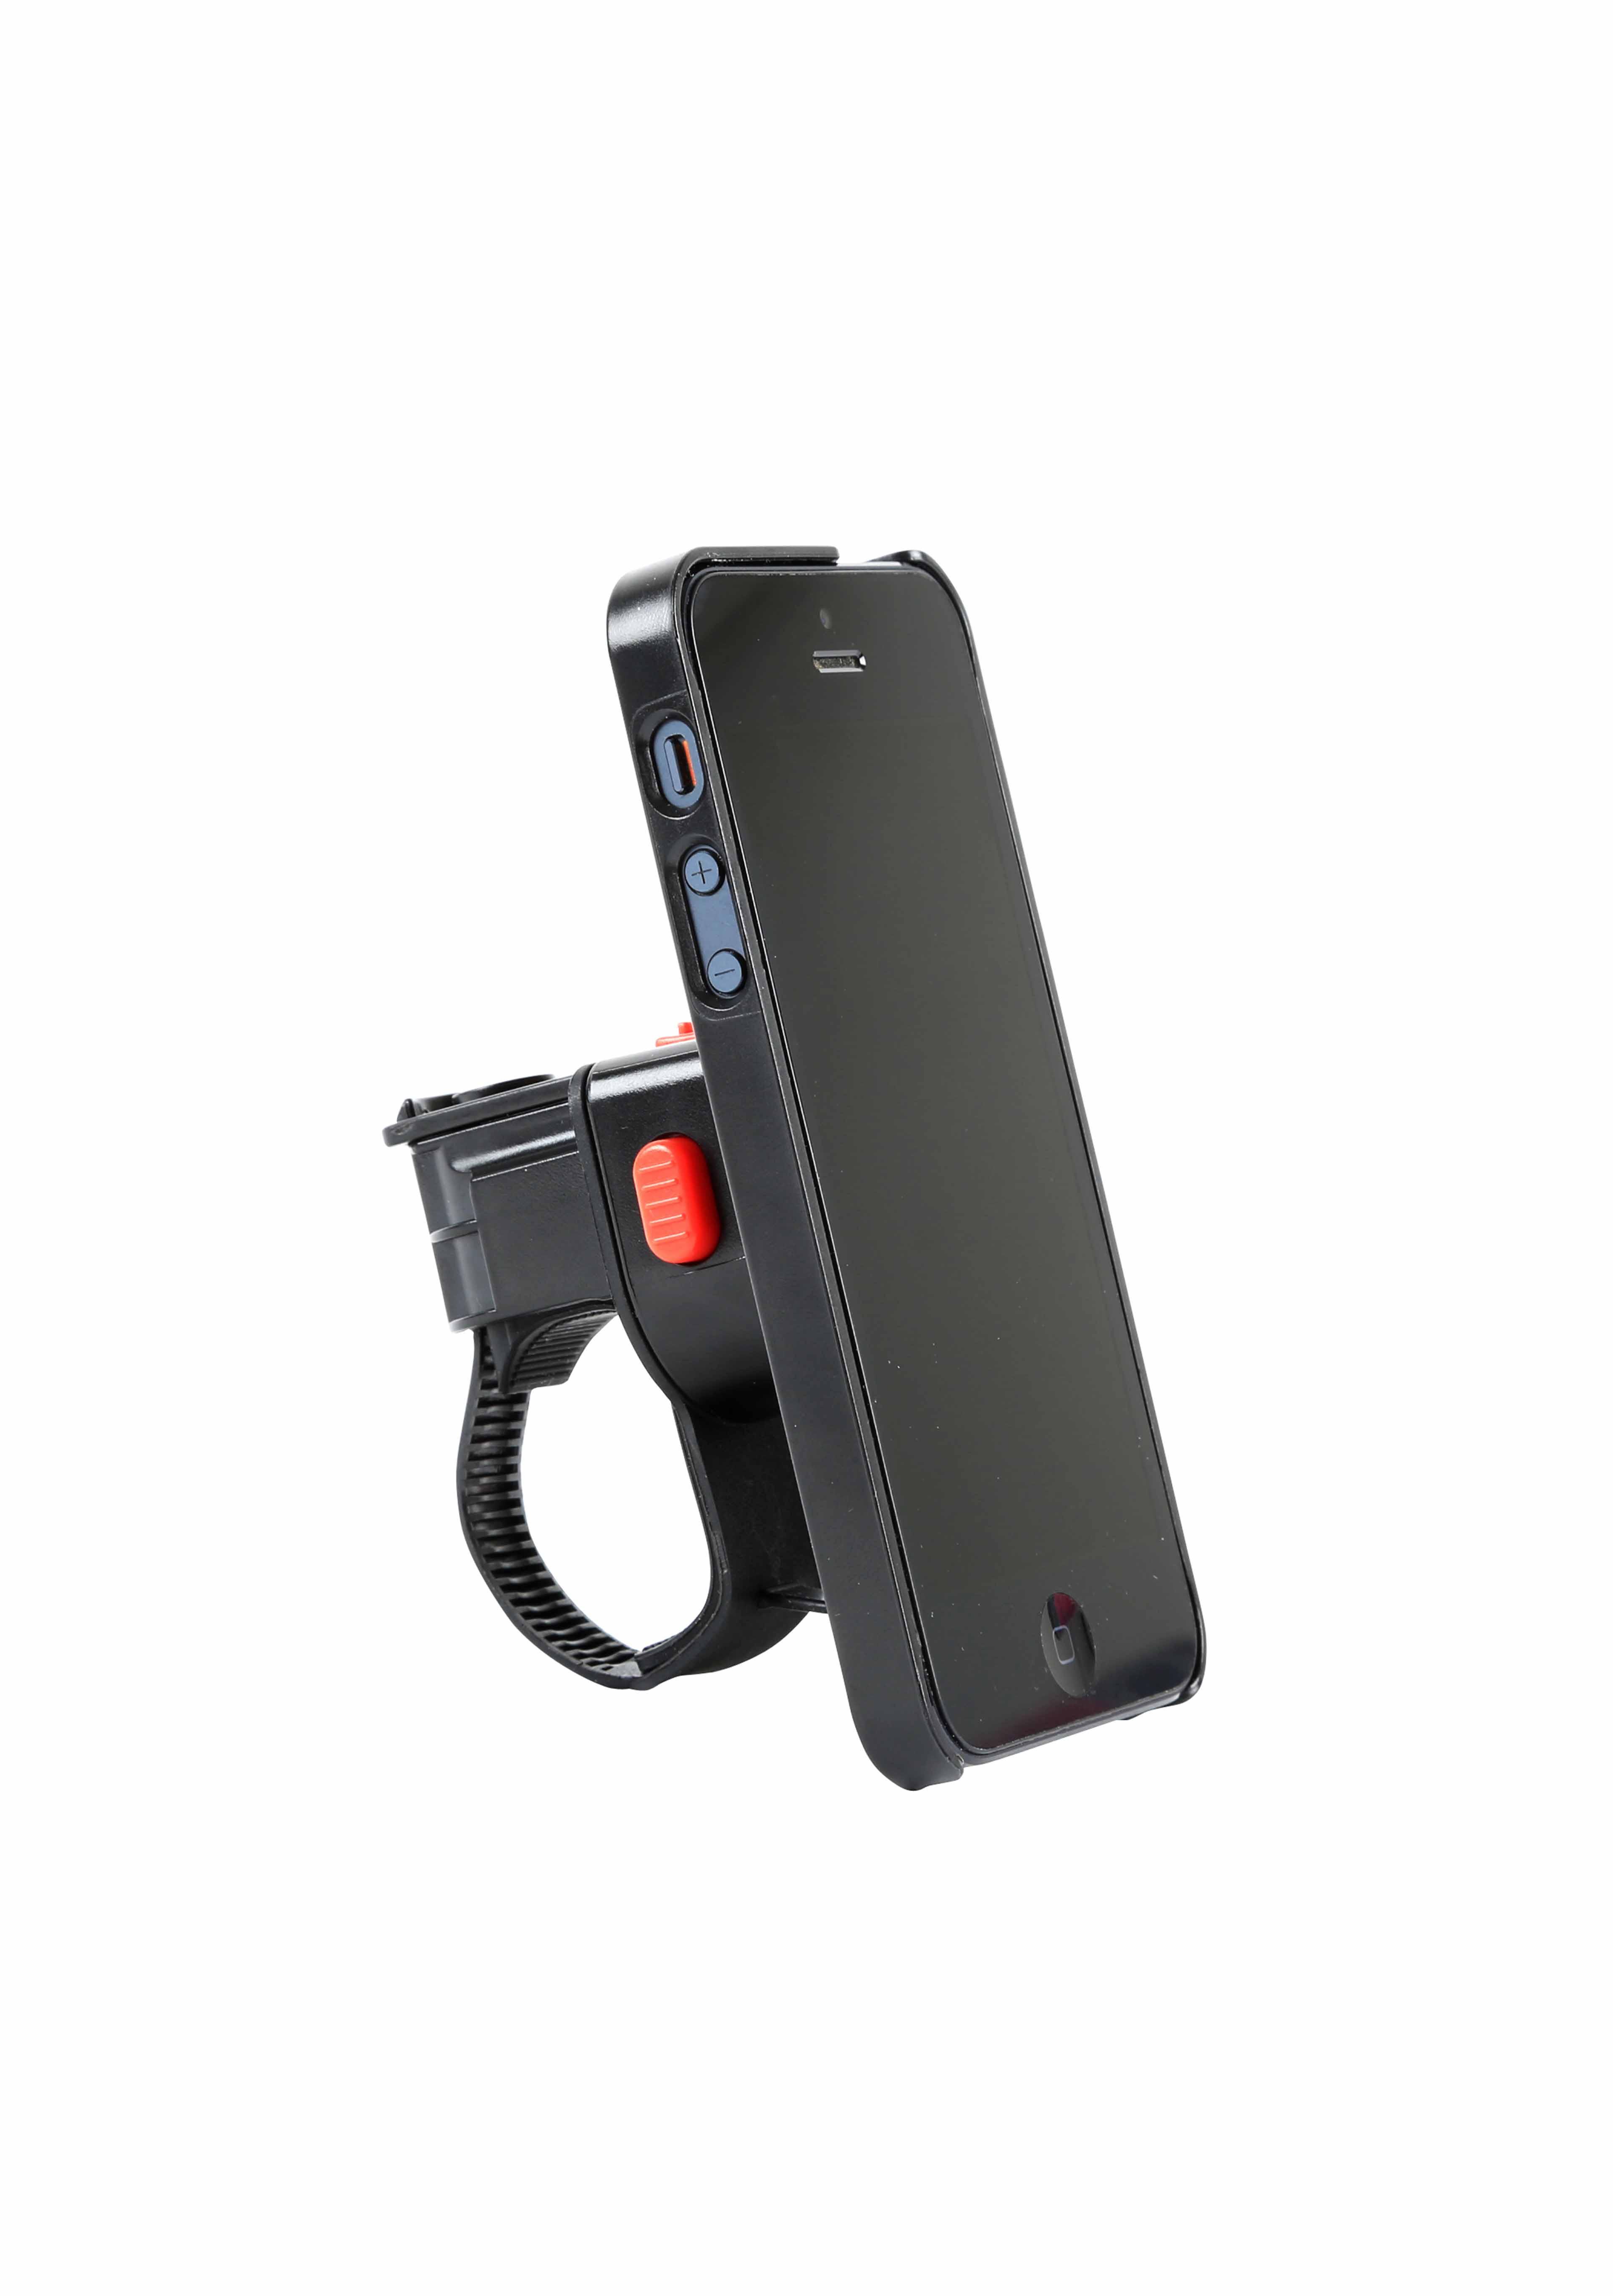 PORTACELLULARE Z CONSOLE LITE - PER iPHONE 11 PRO MAX